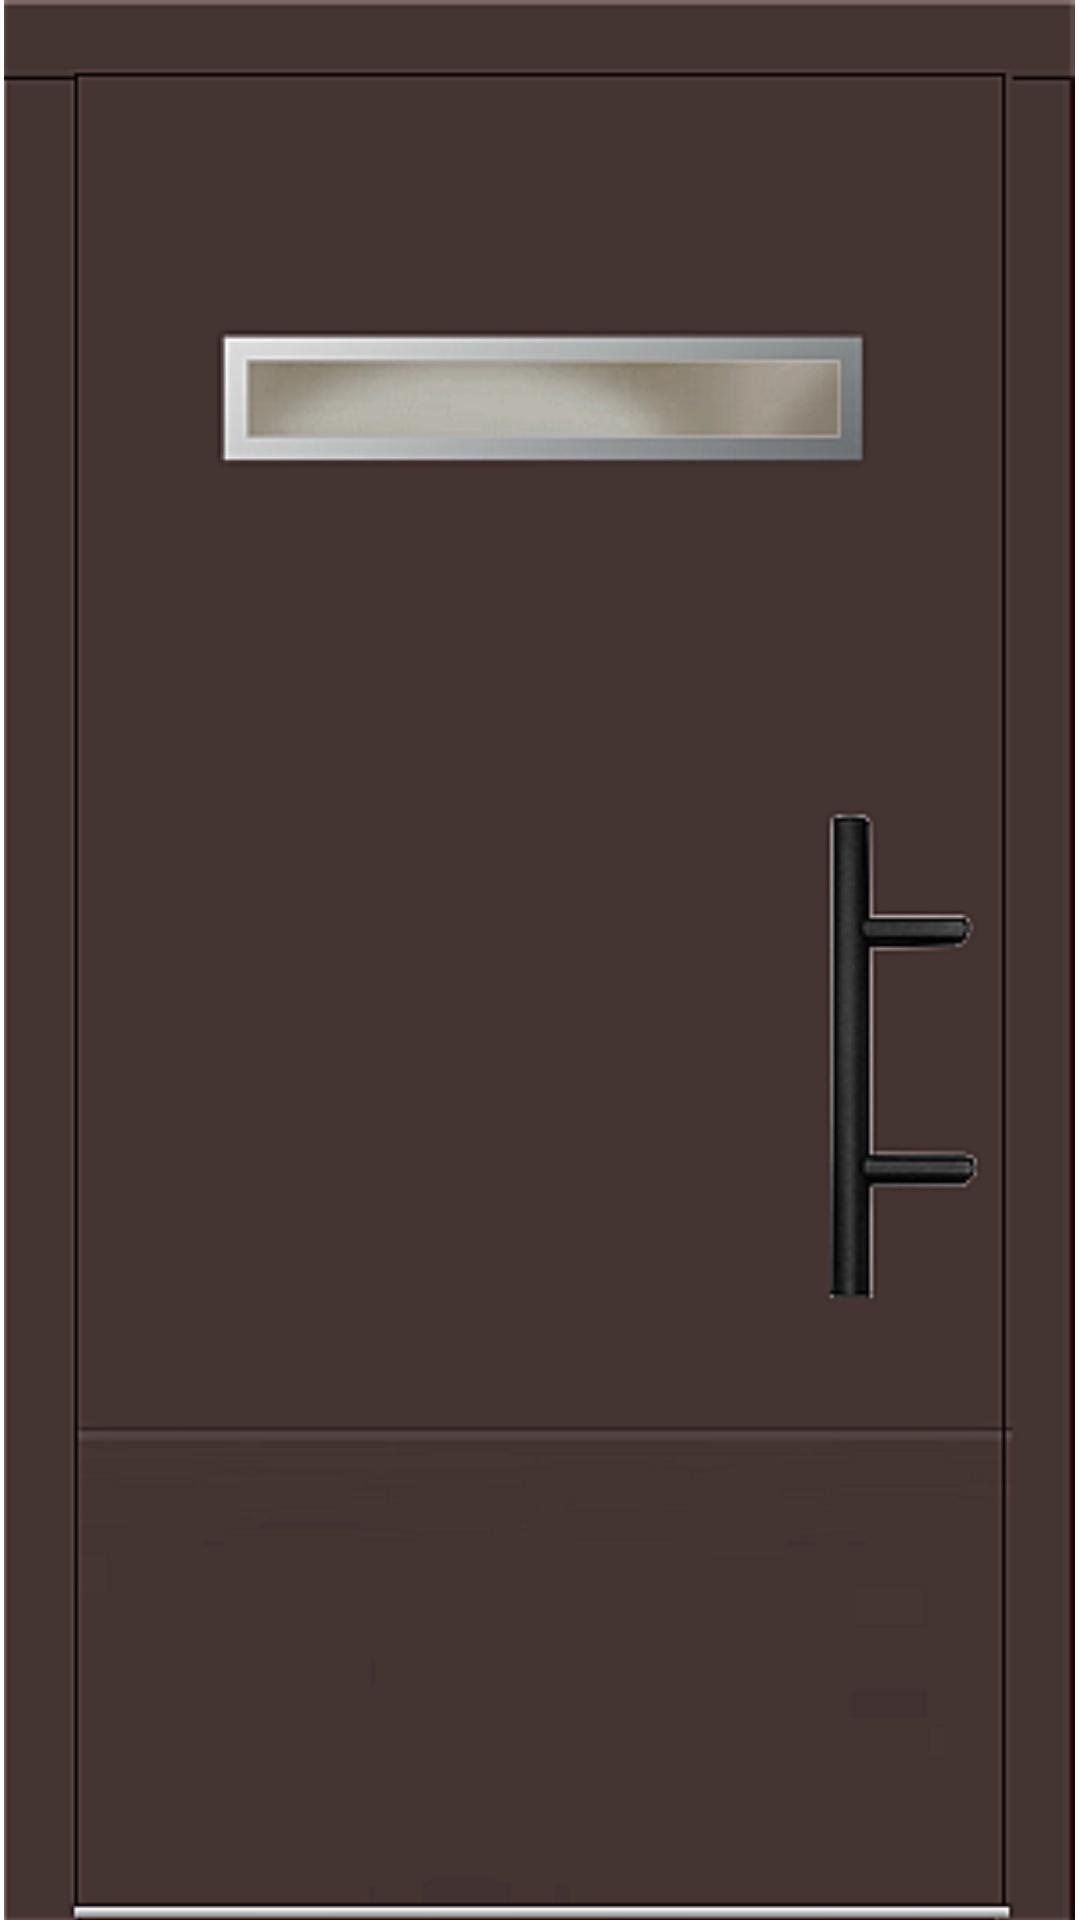 Holz Haustür Modell 8430 mahagonibraun